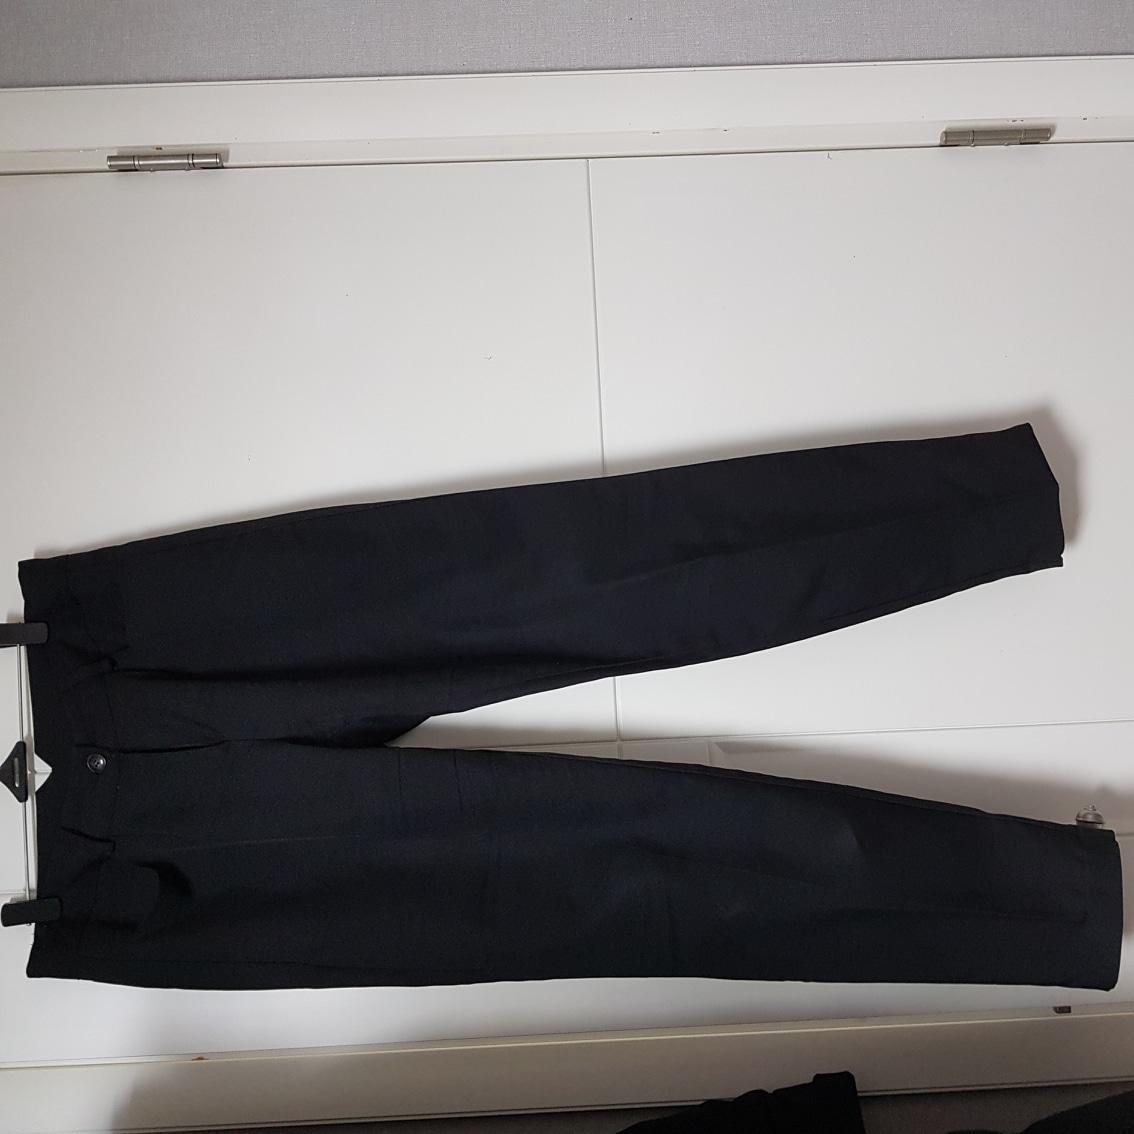 여성 검은색 슬랙스 M 2개 8000원